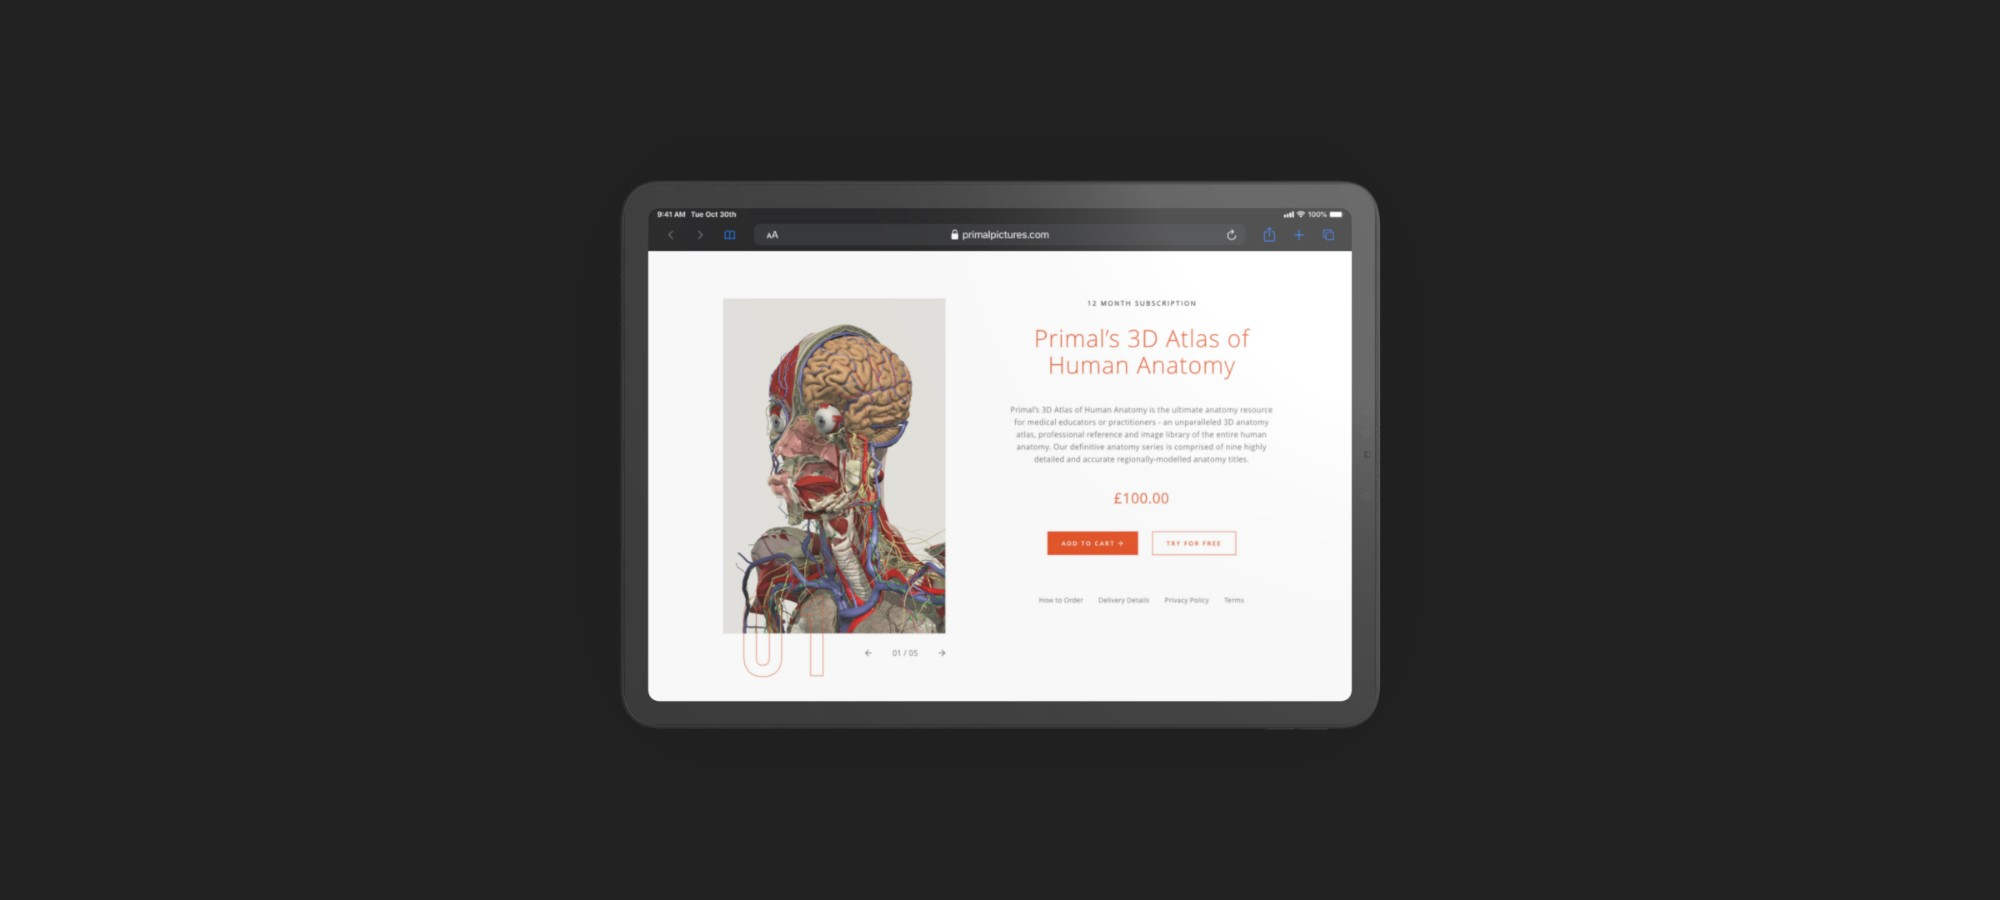 tablet viewing primal website